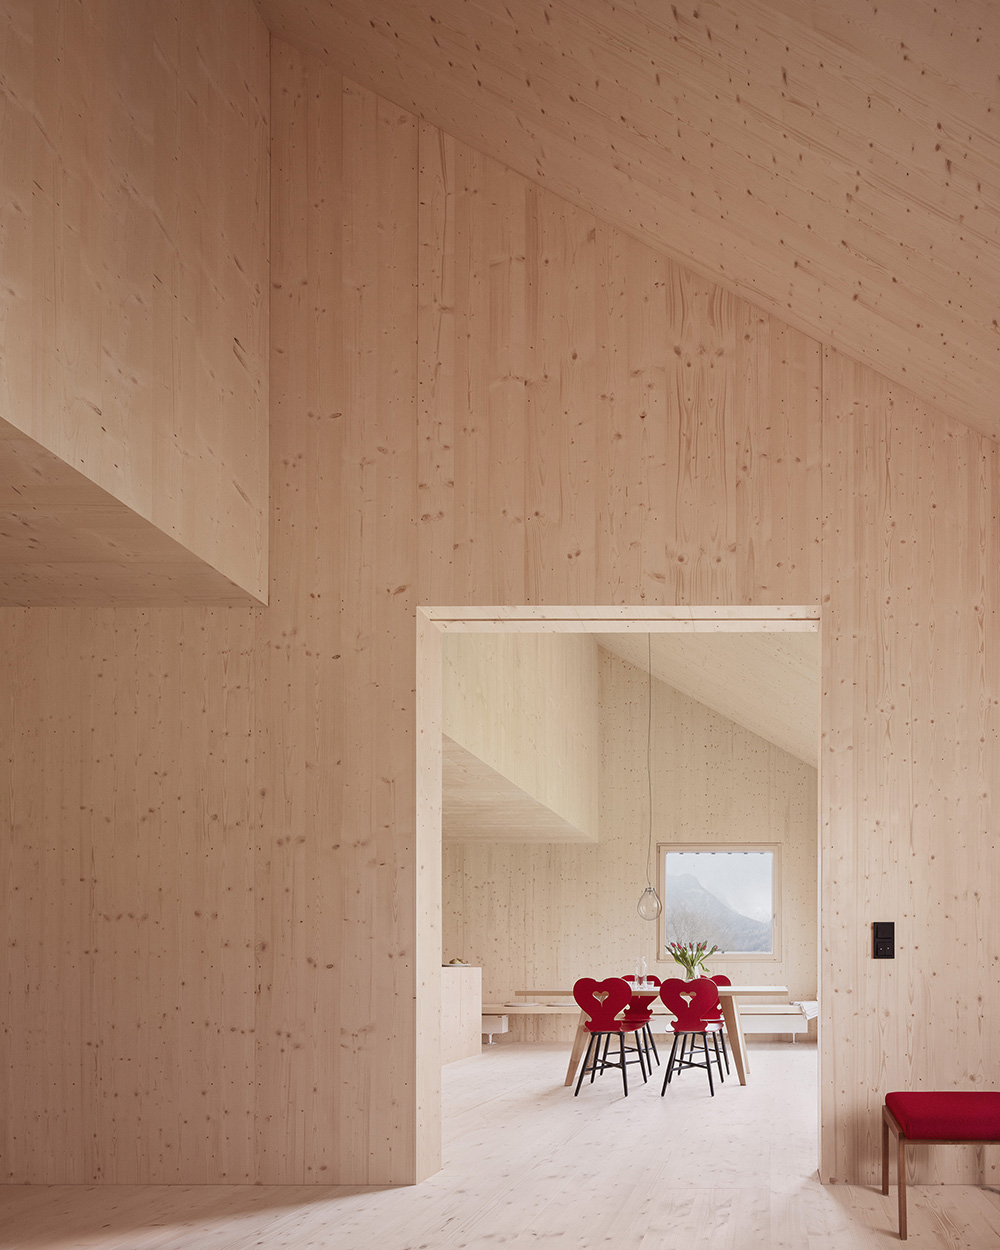 Haus in Bludenz, Lukas Mähr Architekt